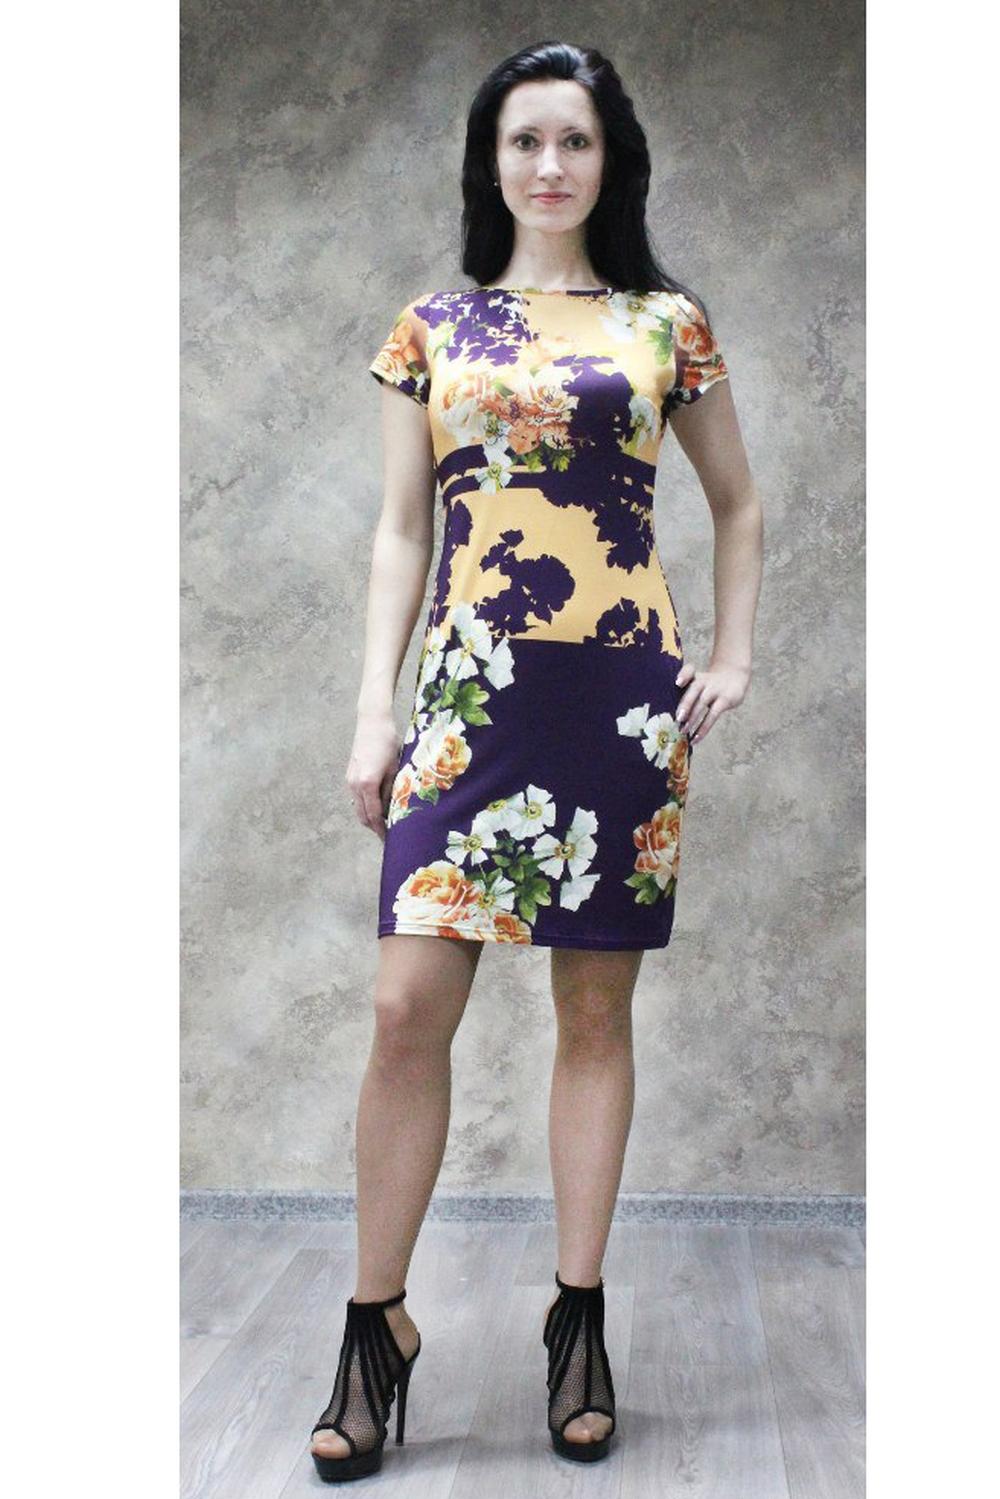 ПлатьеПлатья<br>Красивое платье с цветочным принтом для создания Вашего повседневного образа. В изделии использованы цвета: фиолетовый, желтый, зеленый и др.Рост девушки-фотомодели 170 см<br><br>Горловина: С- горловина<br>Рукав: Короткий рукав<br>Длина: До колена<br>Материал: Трикотаж<br>Рисунок: Растительные мотивы,С принтом,Цветные,Цветочные<br>Сезон: Лето,Осень,Весна<br>Силуэт: Приталенные<br>Стиль: Повседневный стиль<br>Форма: Платье - футляр<br>Размер : 48,50,52,54,56,58<br>Материал: Холодное масло<br>Количество в наличии: 24